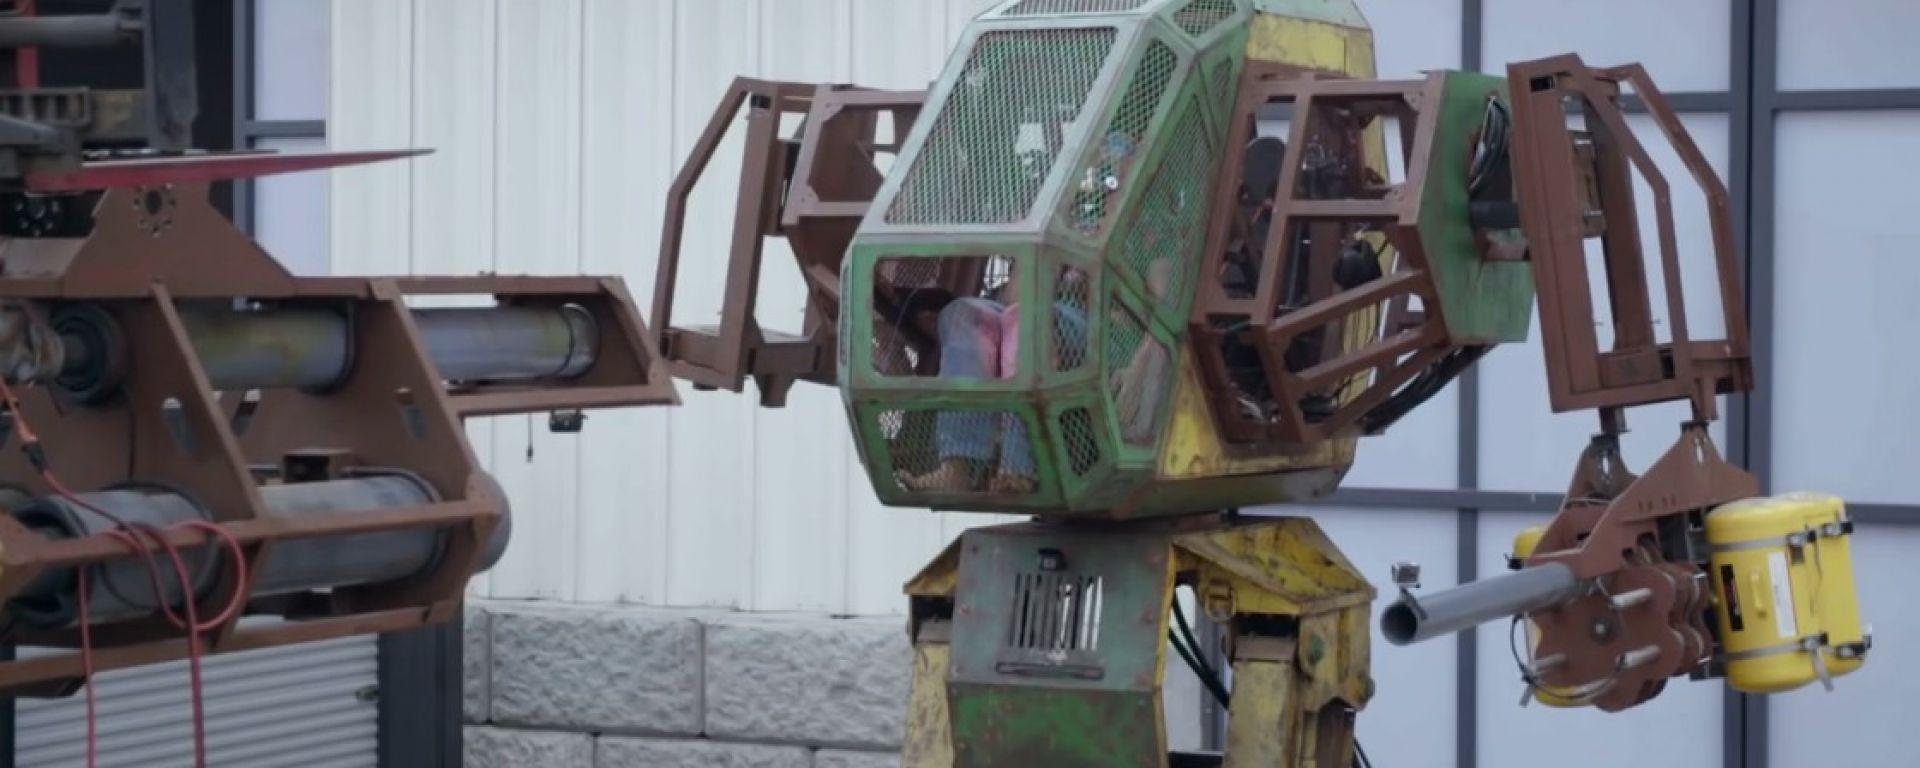 MegaBots vs Kuratas: i robot giganti si preparano alla lotta